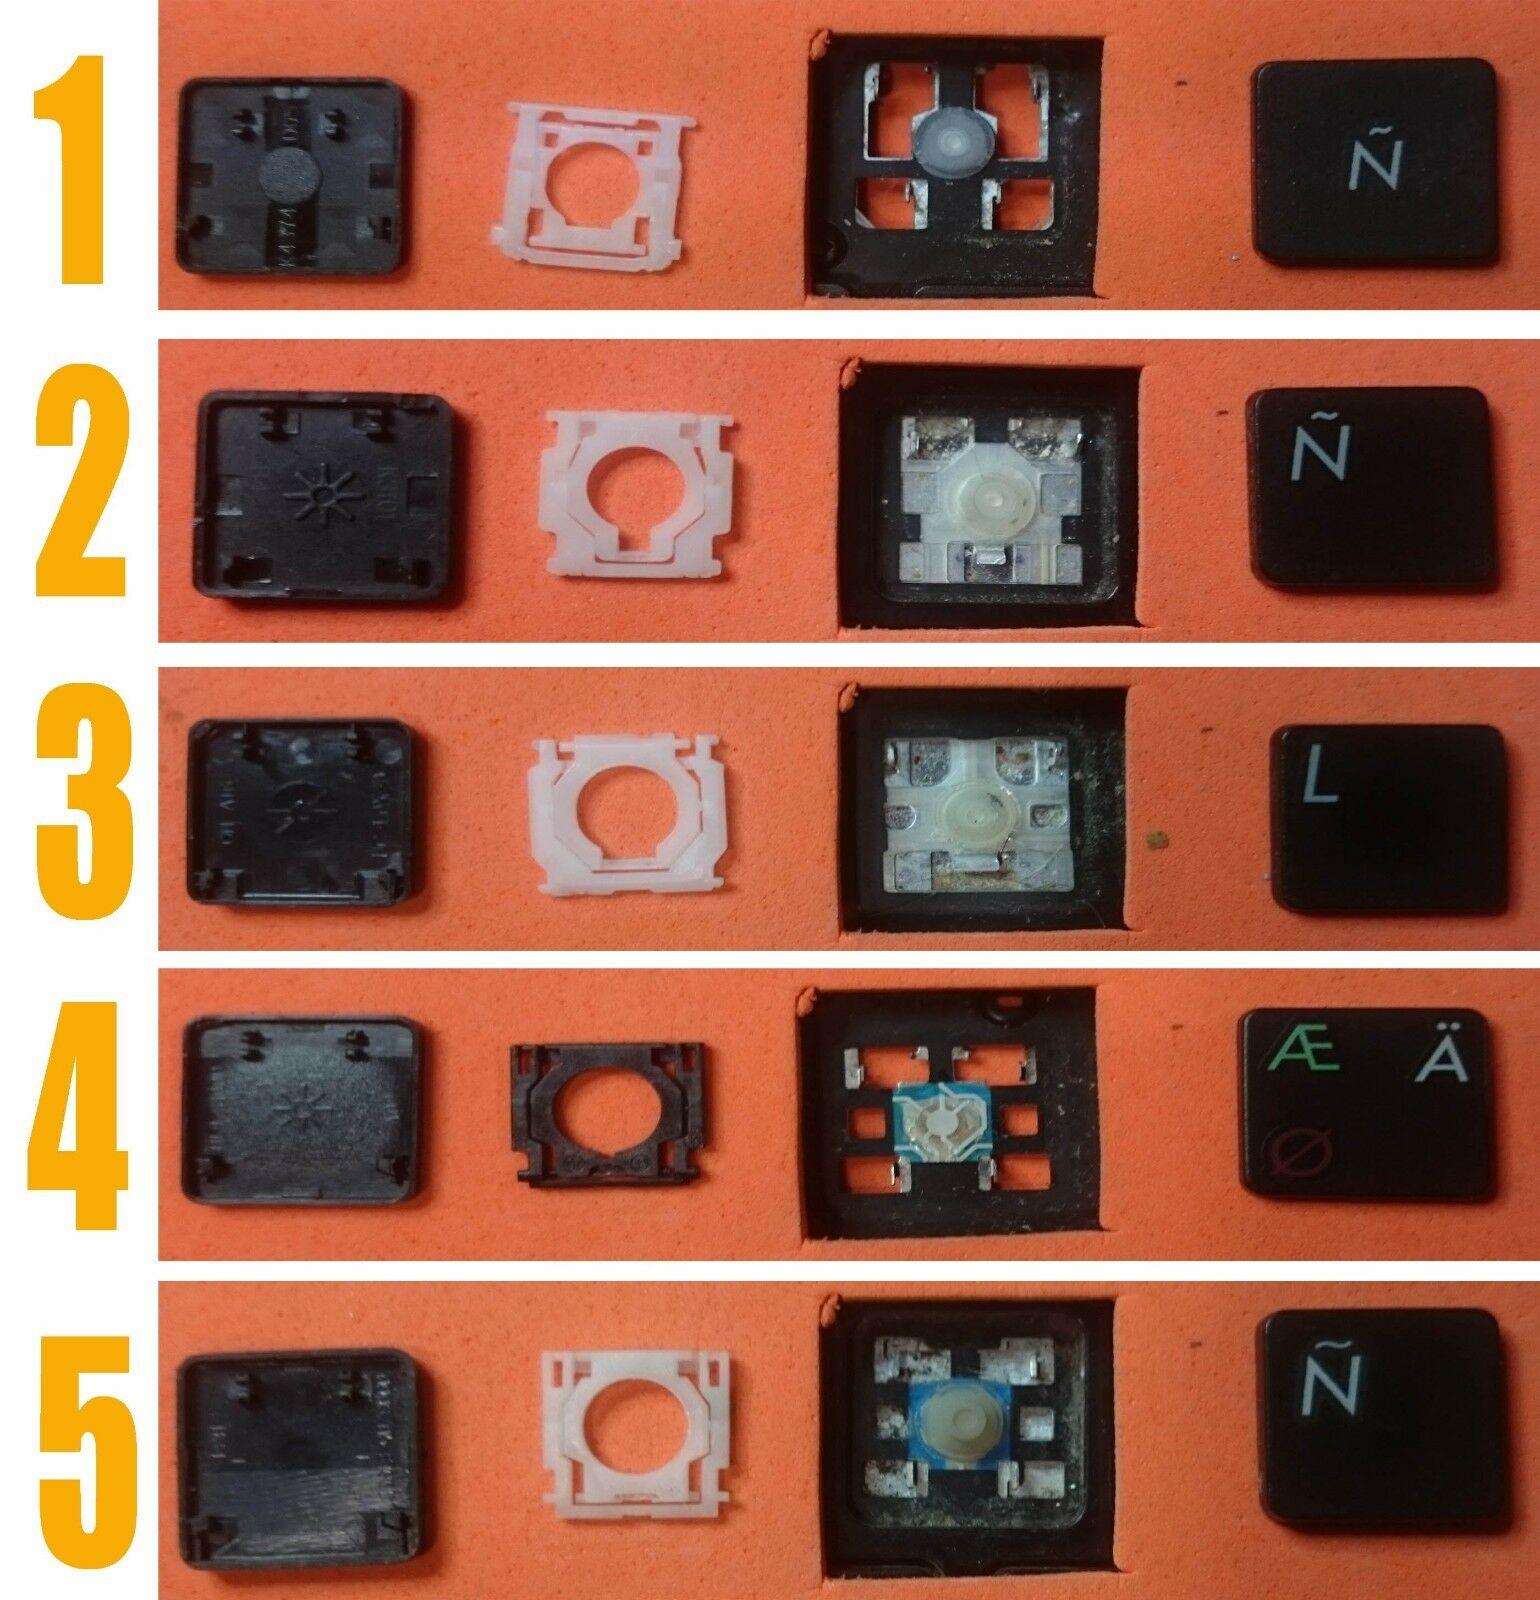 TECLA TECLAS TECLADO ASUS X550V X550VB X550VC X550VL F550 F550L F550LD F550LA